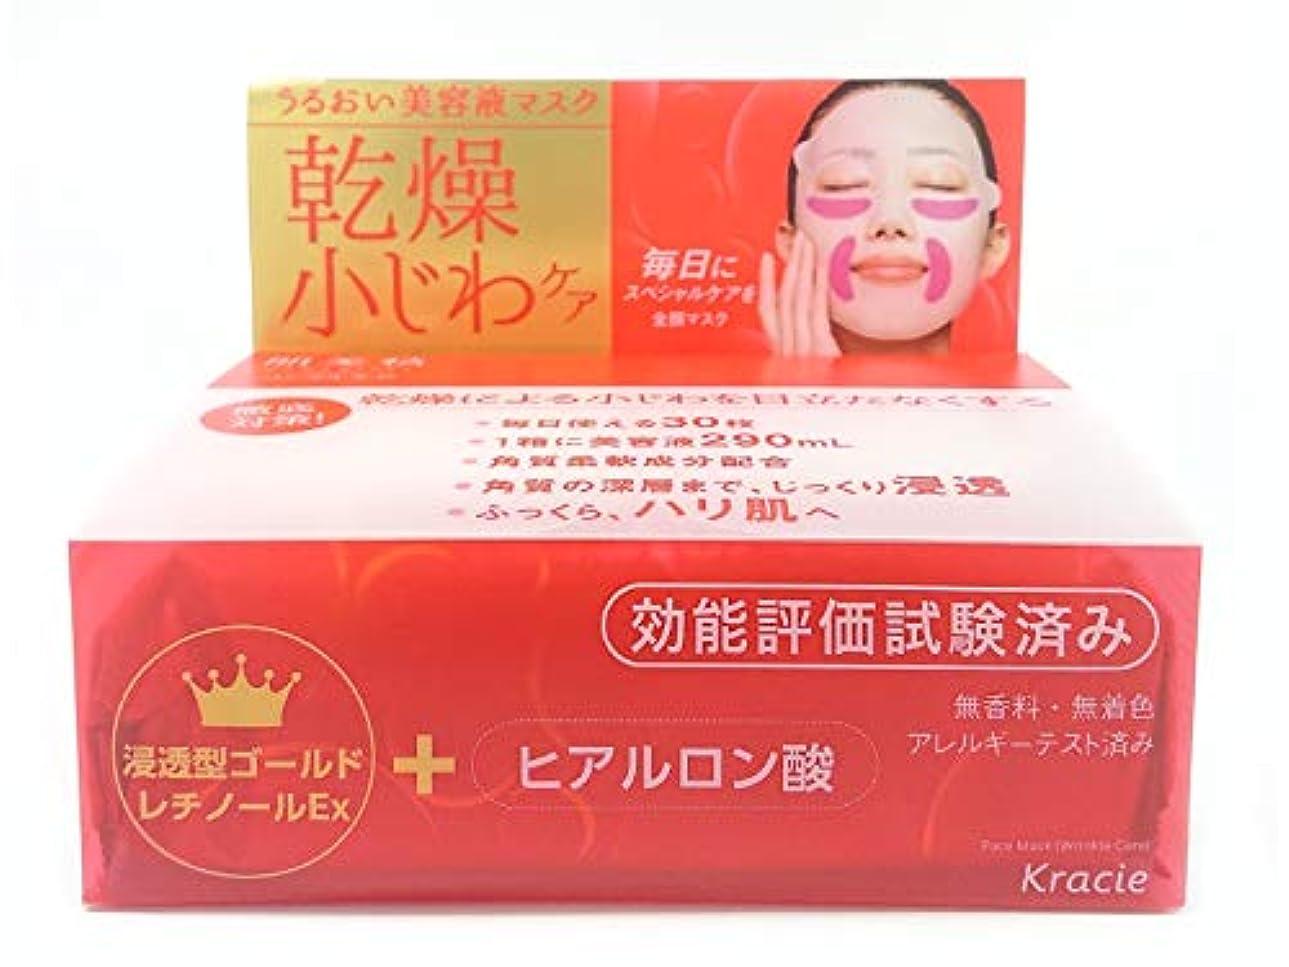 工業用責任者セント肌美精 デイリーリンクルケア美容液マスク 30枚